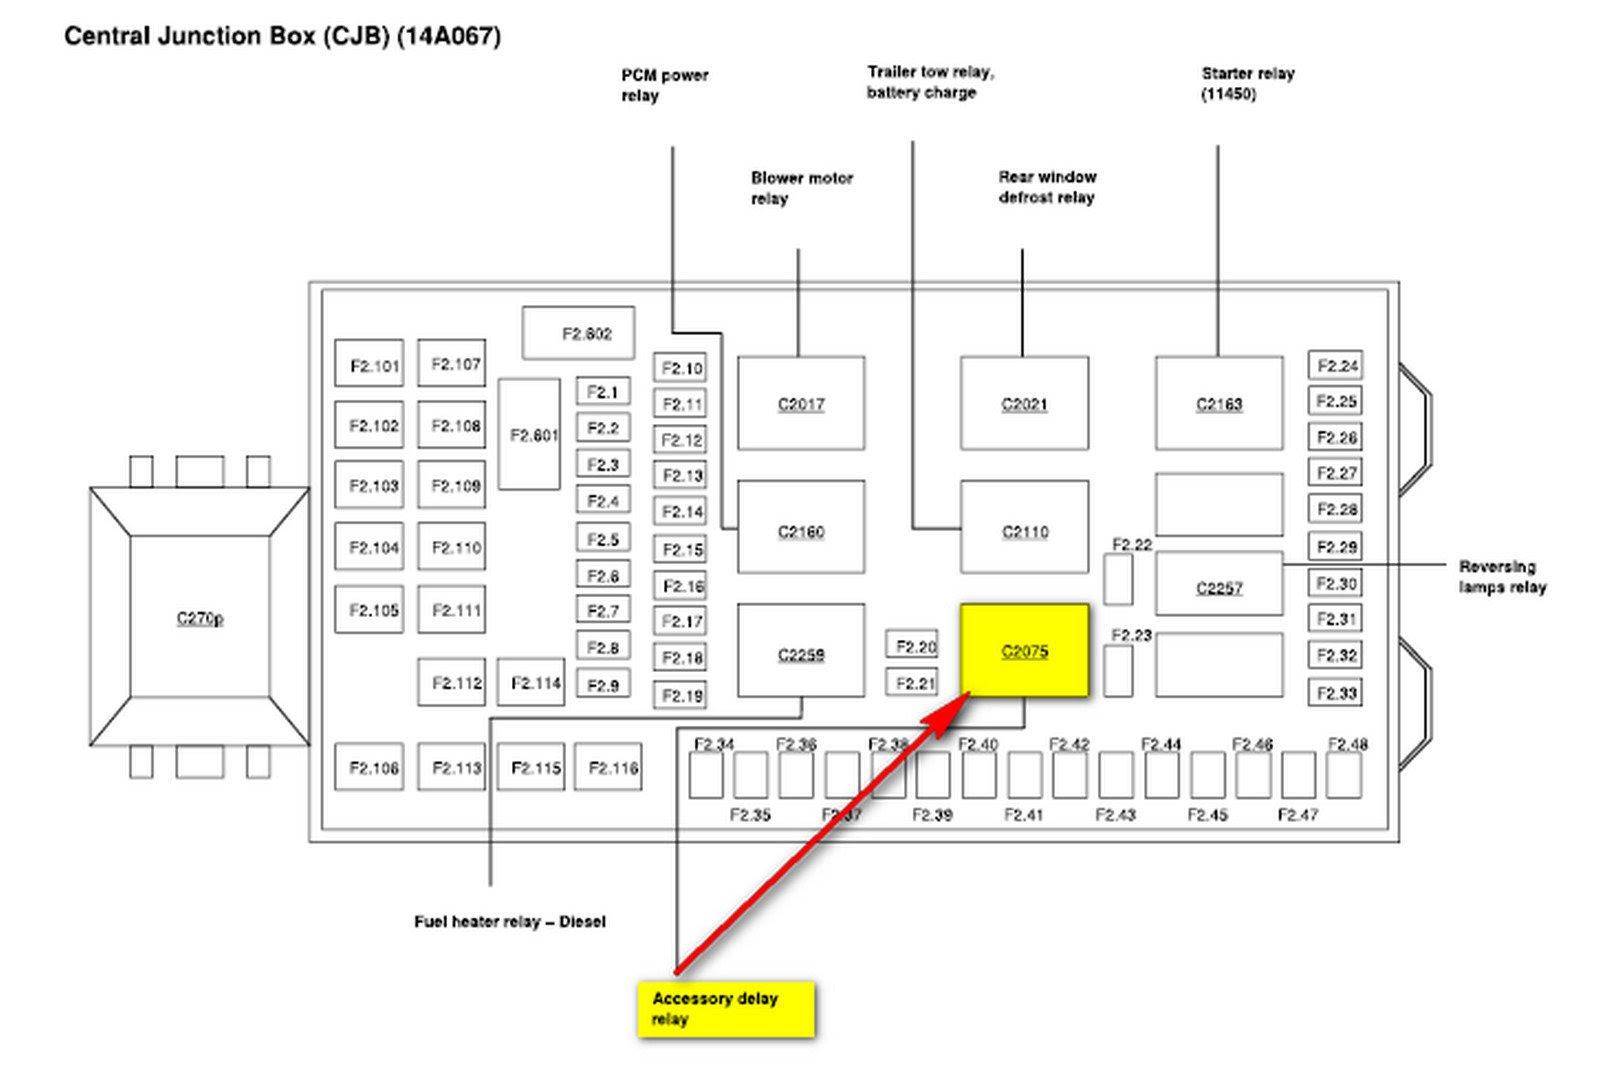 6f8b 2004 F450 Diesel Fuse Box Diagram Wiring Library